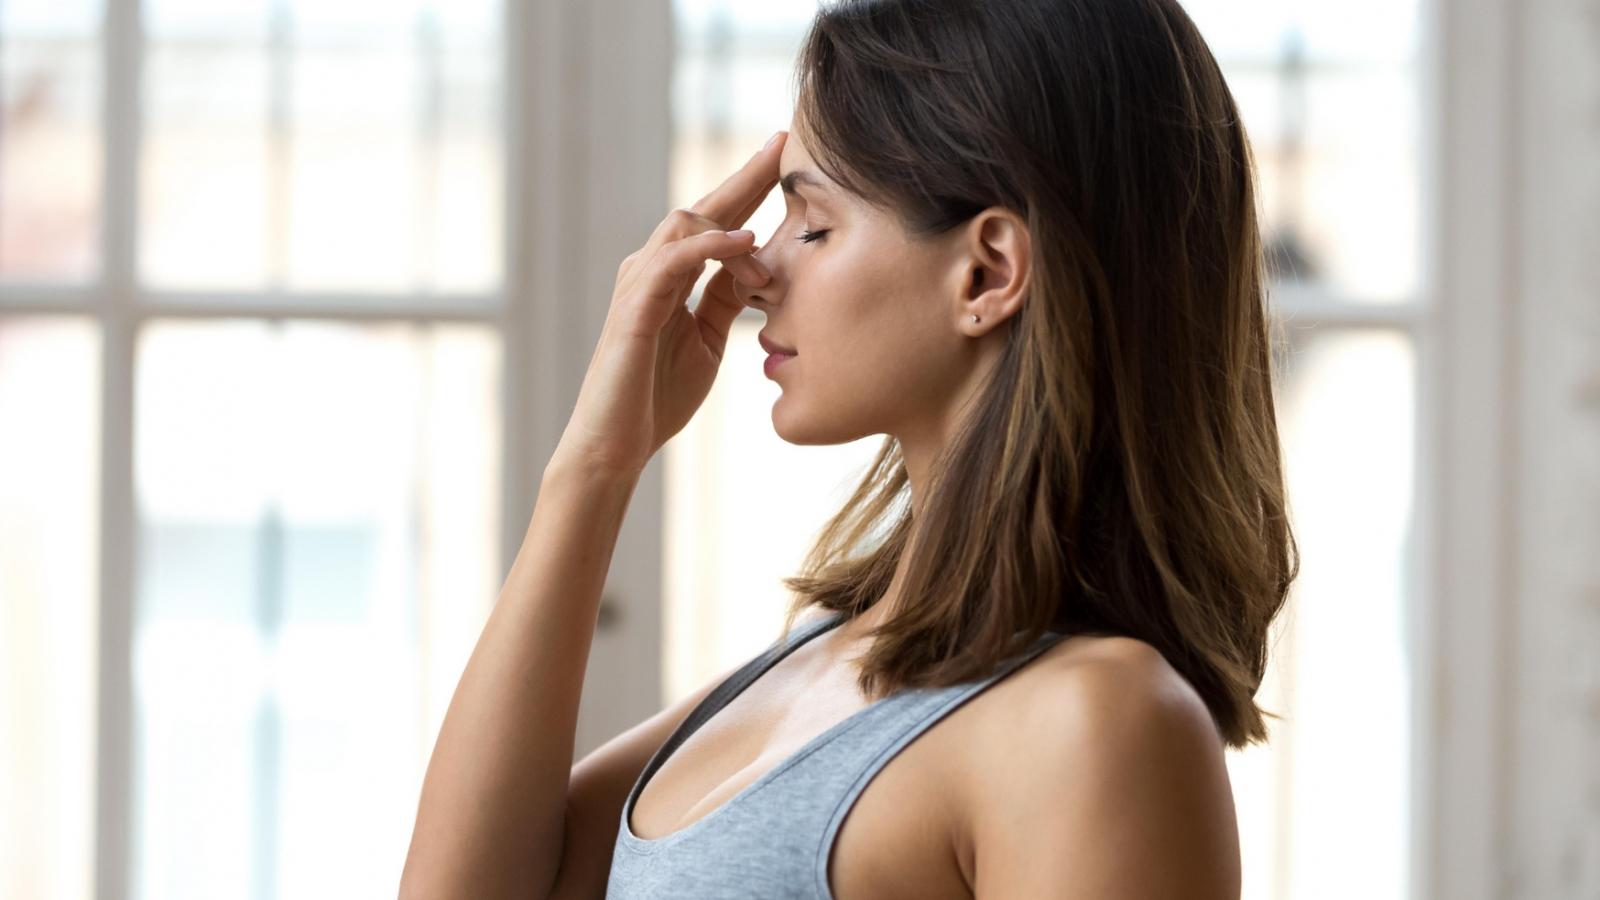 5 bài tập thở giúp bệnh nhân COVID-19 tăng cường hệ hô hấp